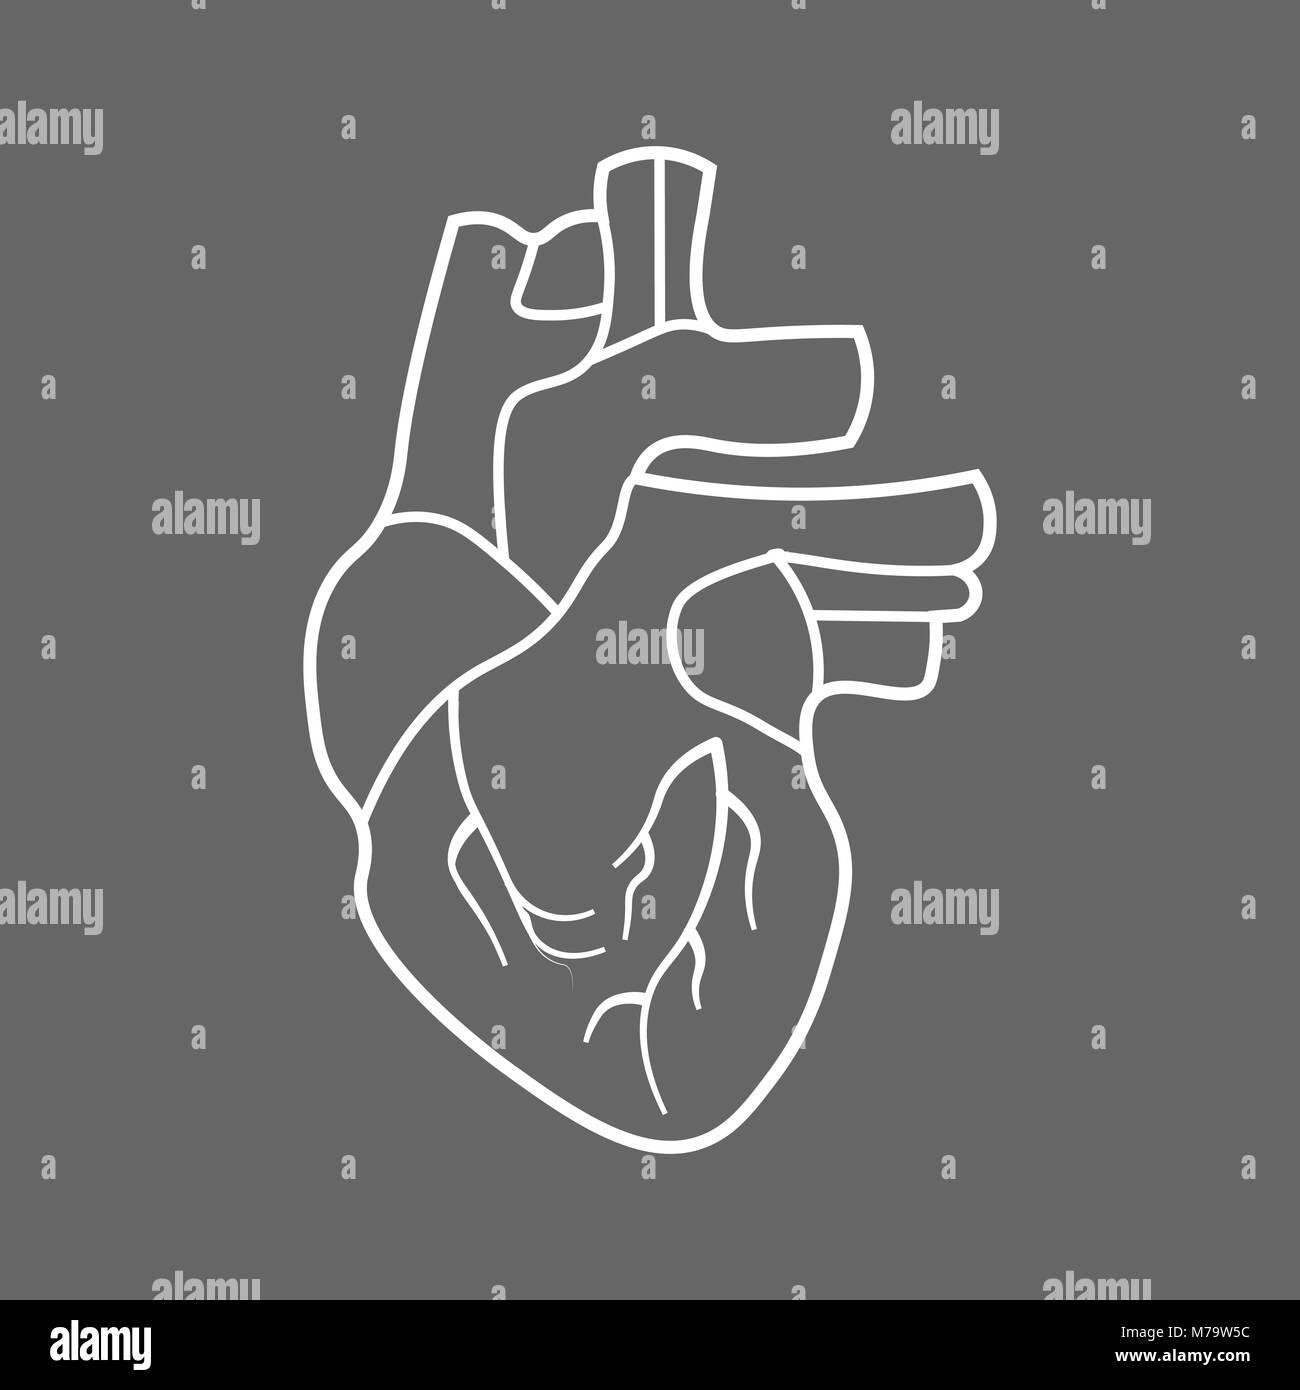 Stilisierte menschliche Herz Anatomie Symbol Leitung Vektor ...